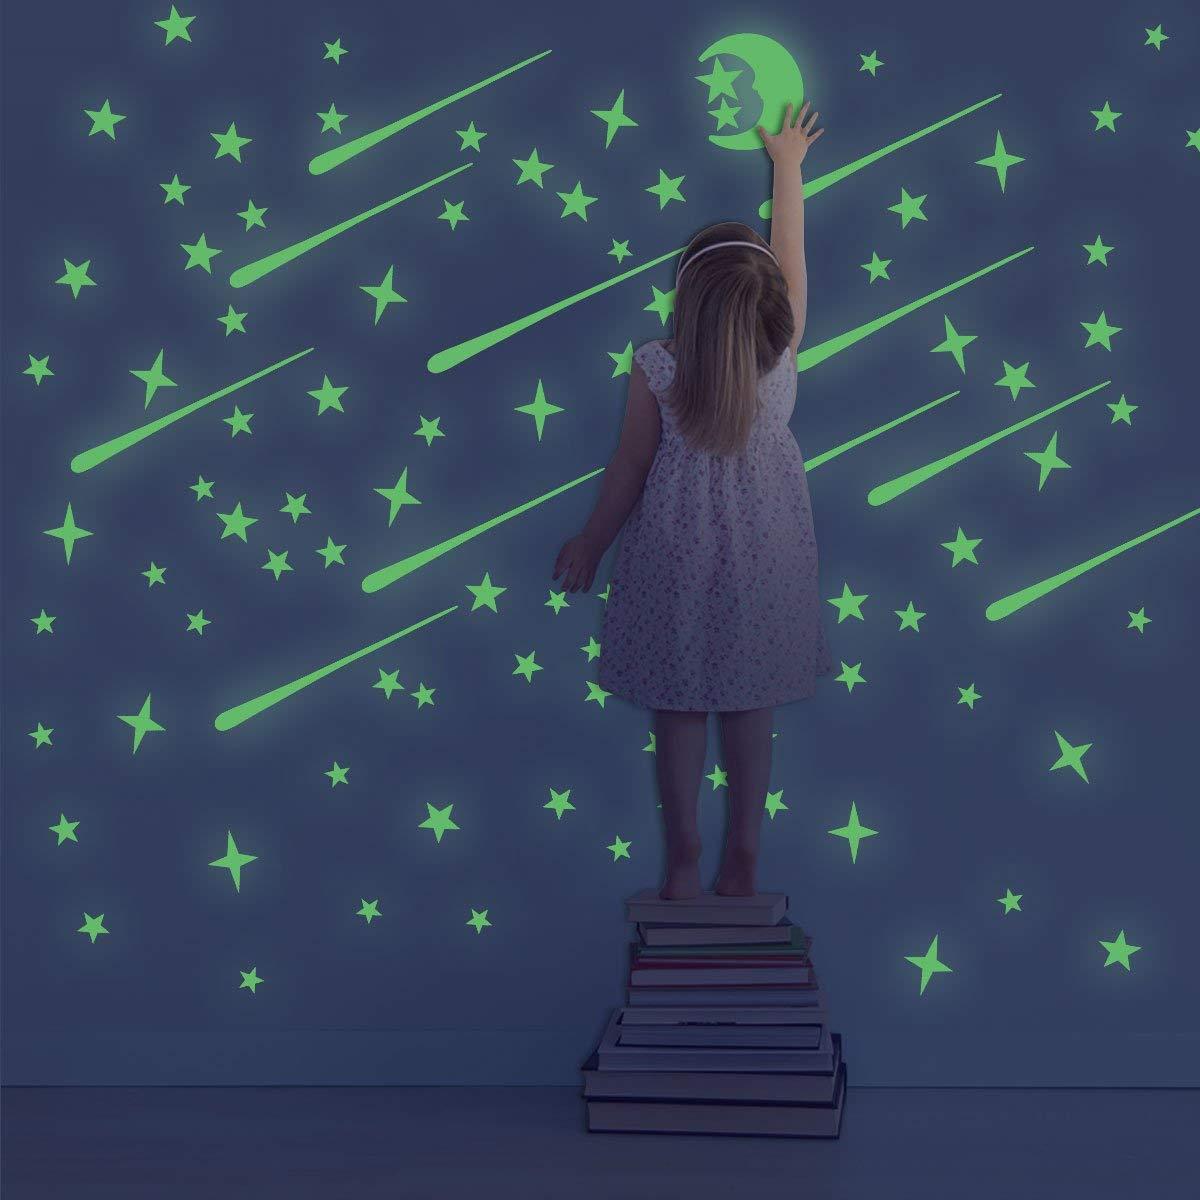 leuchtsterne mond selbstklebend,211St/ück Leucht Sterne Mond Set,Leuchtsticker,sternenhimmel aufkleber,Fluoreszierend sticker,Leuchtsterne Punkten und Mond Wandaufkleber,Leuchtmond.